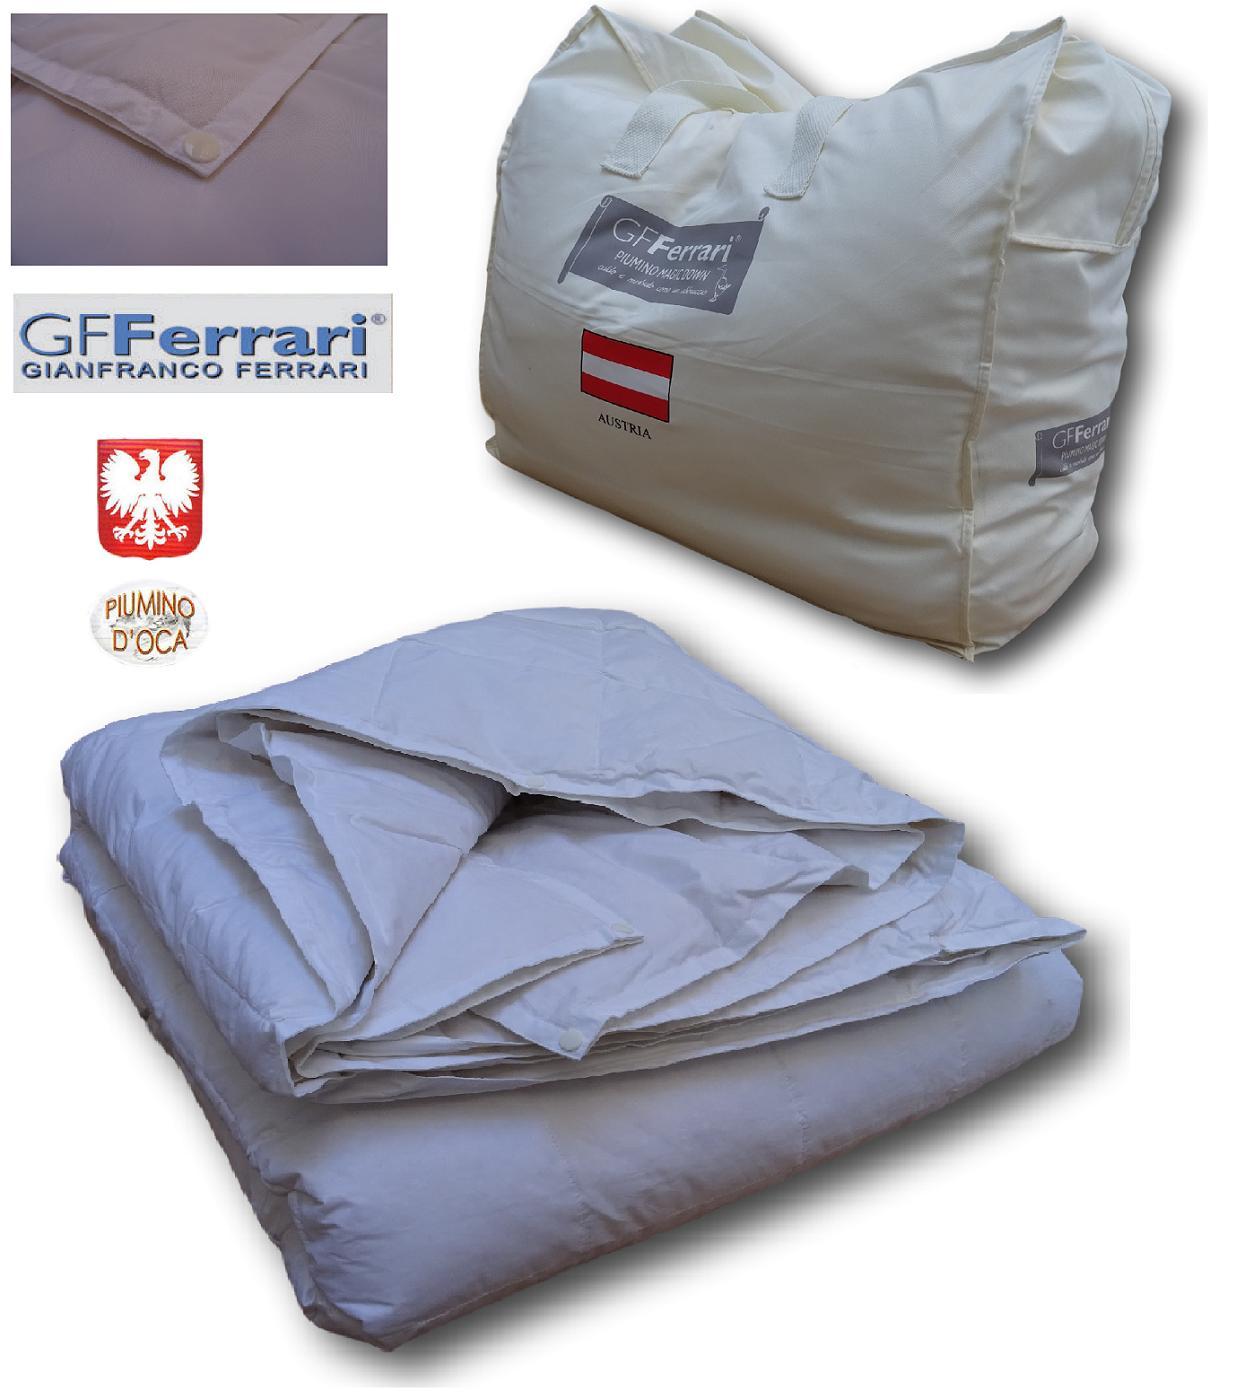 GF. FERRARI, TRENTO. Piumino d' oca 100%, 4 Stagioni 100% Cotone. Peso 300 gr/mq